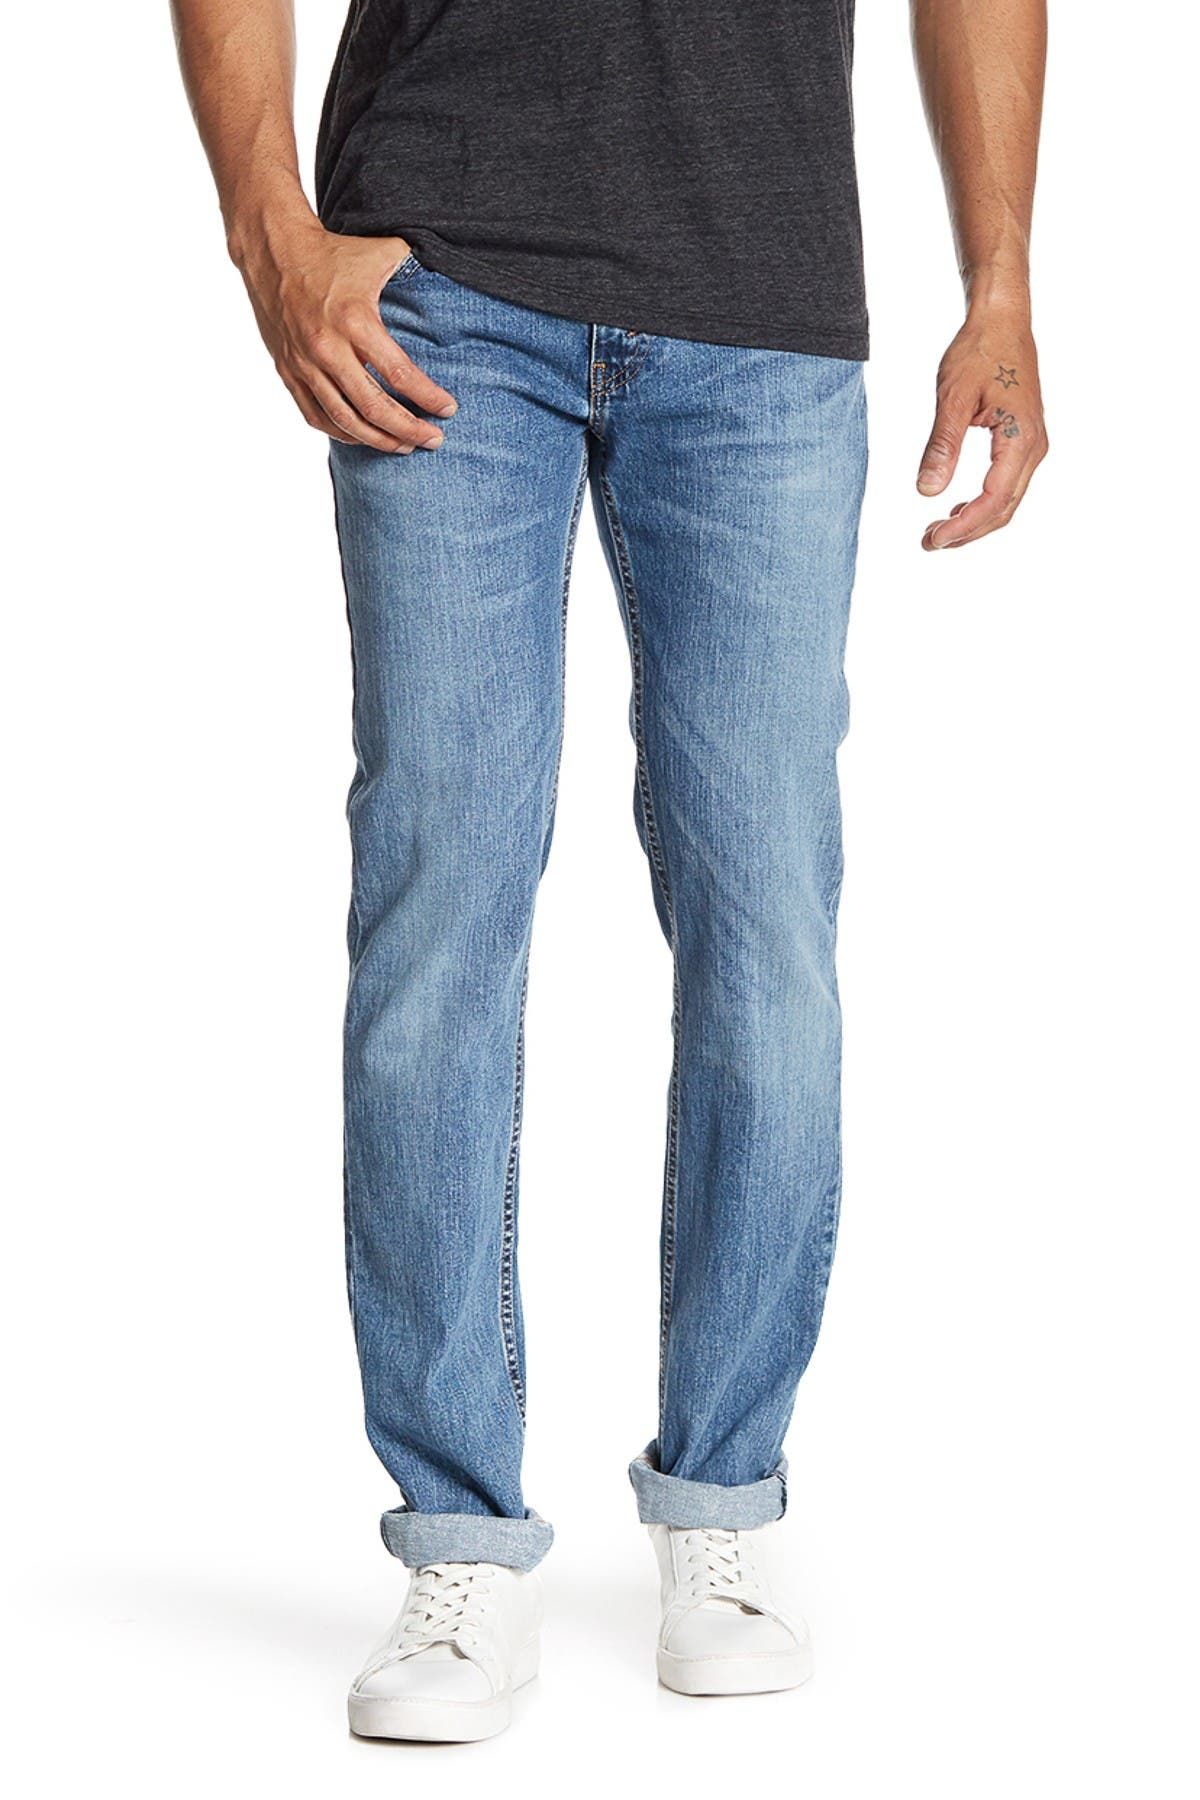 """Image of Levi's 511 Circle Slim Jeans - 30-34"""" Inseam"""